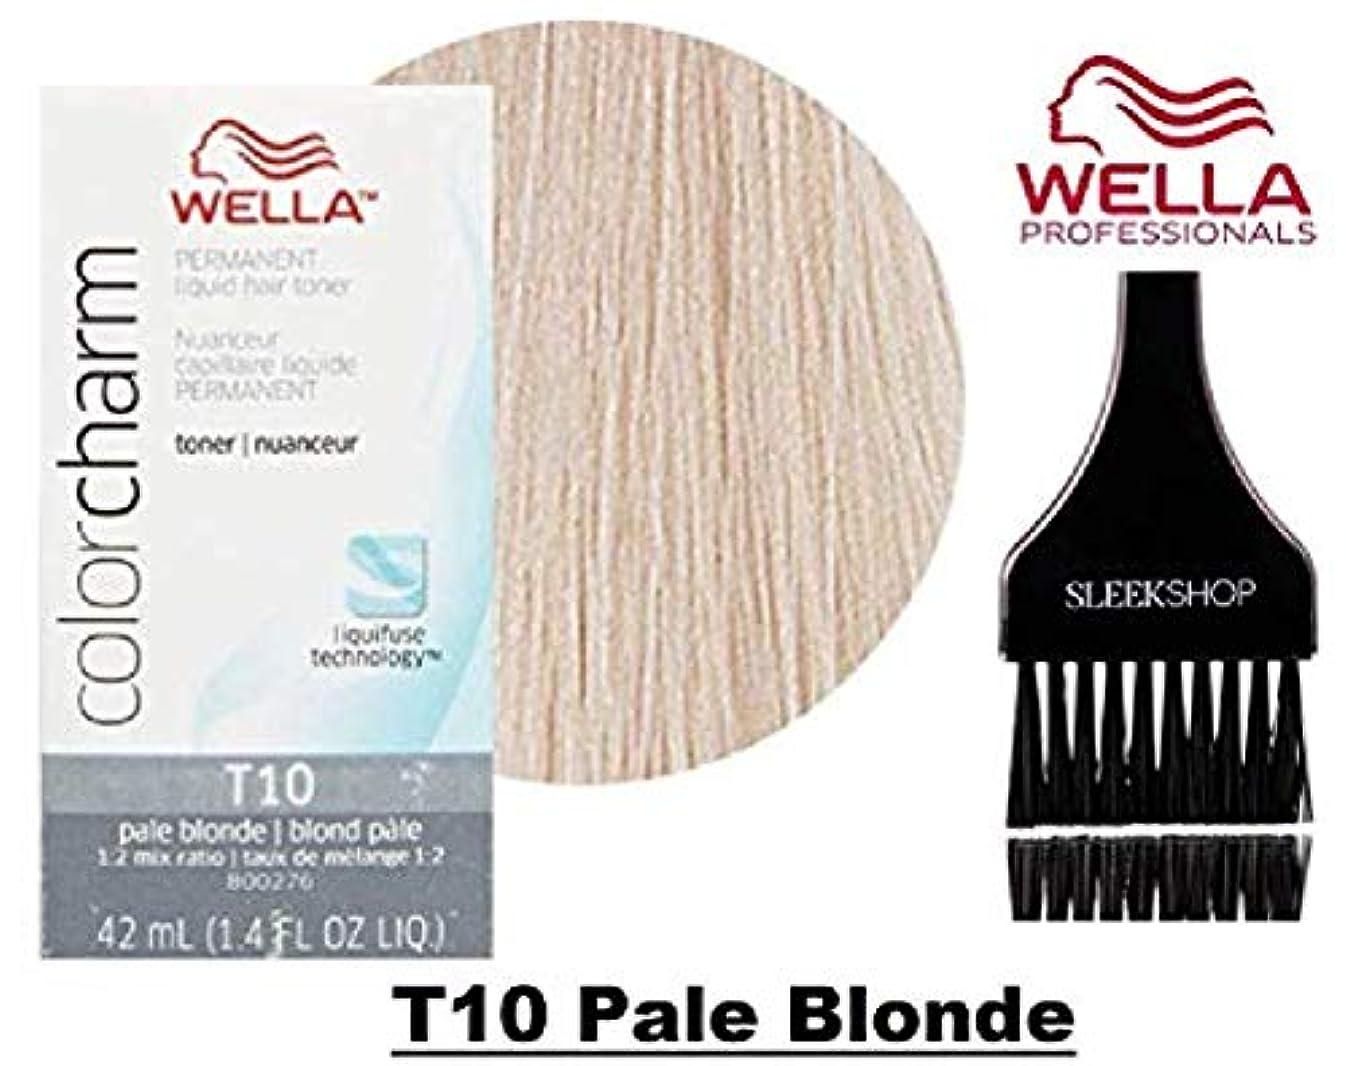 ポスト印象派虐待オーナーCoty Wella ウエラカラーチャームパーマネントリキッドヘアトナー(なめらかな色合いブラシ)ヘアカラーLiquifuse、1:2の混合比ヘアカラー色素 T10ペールブロンド。